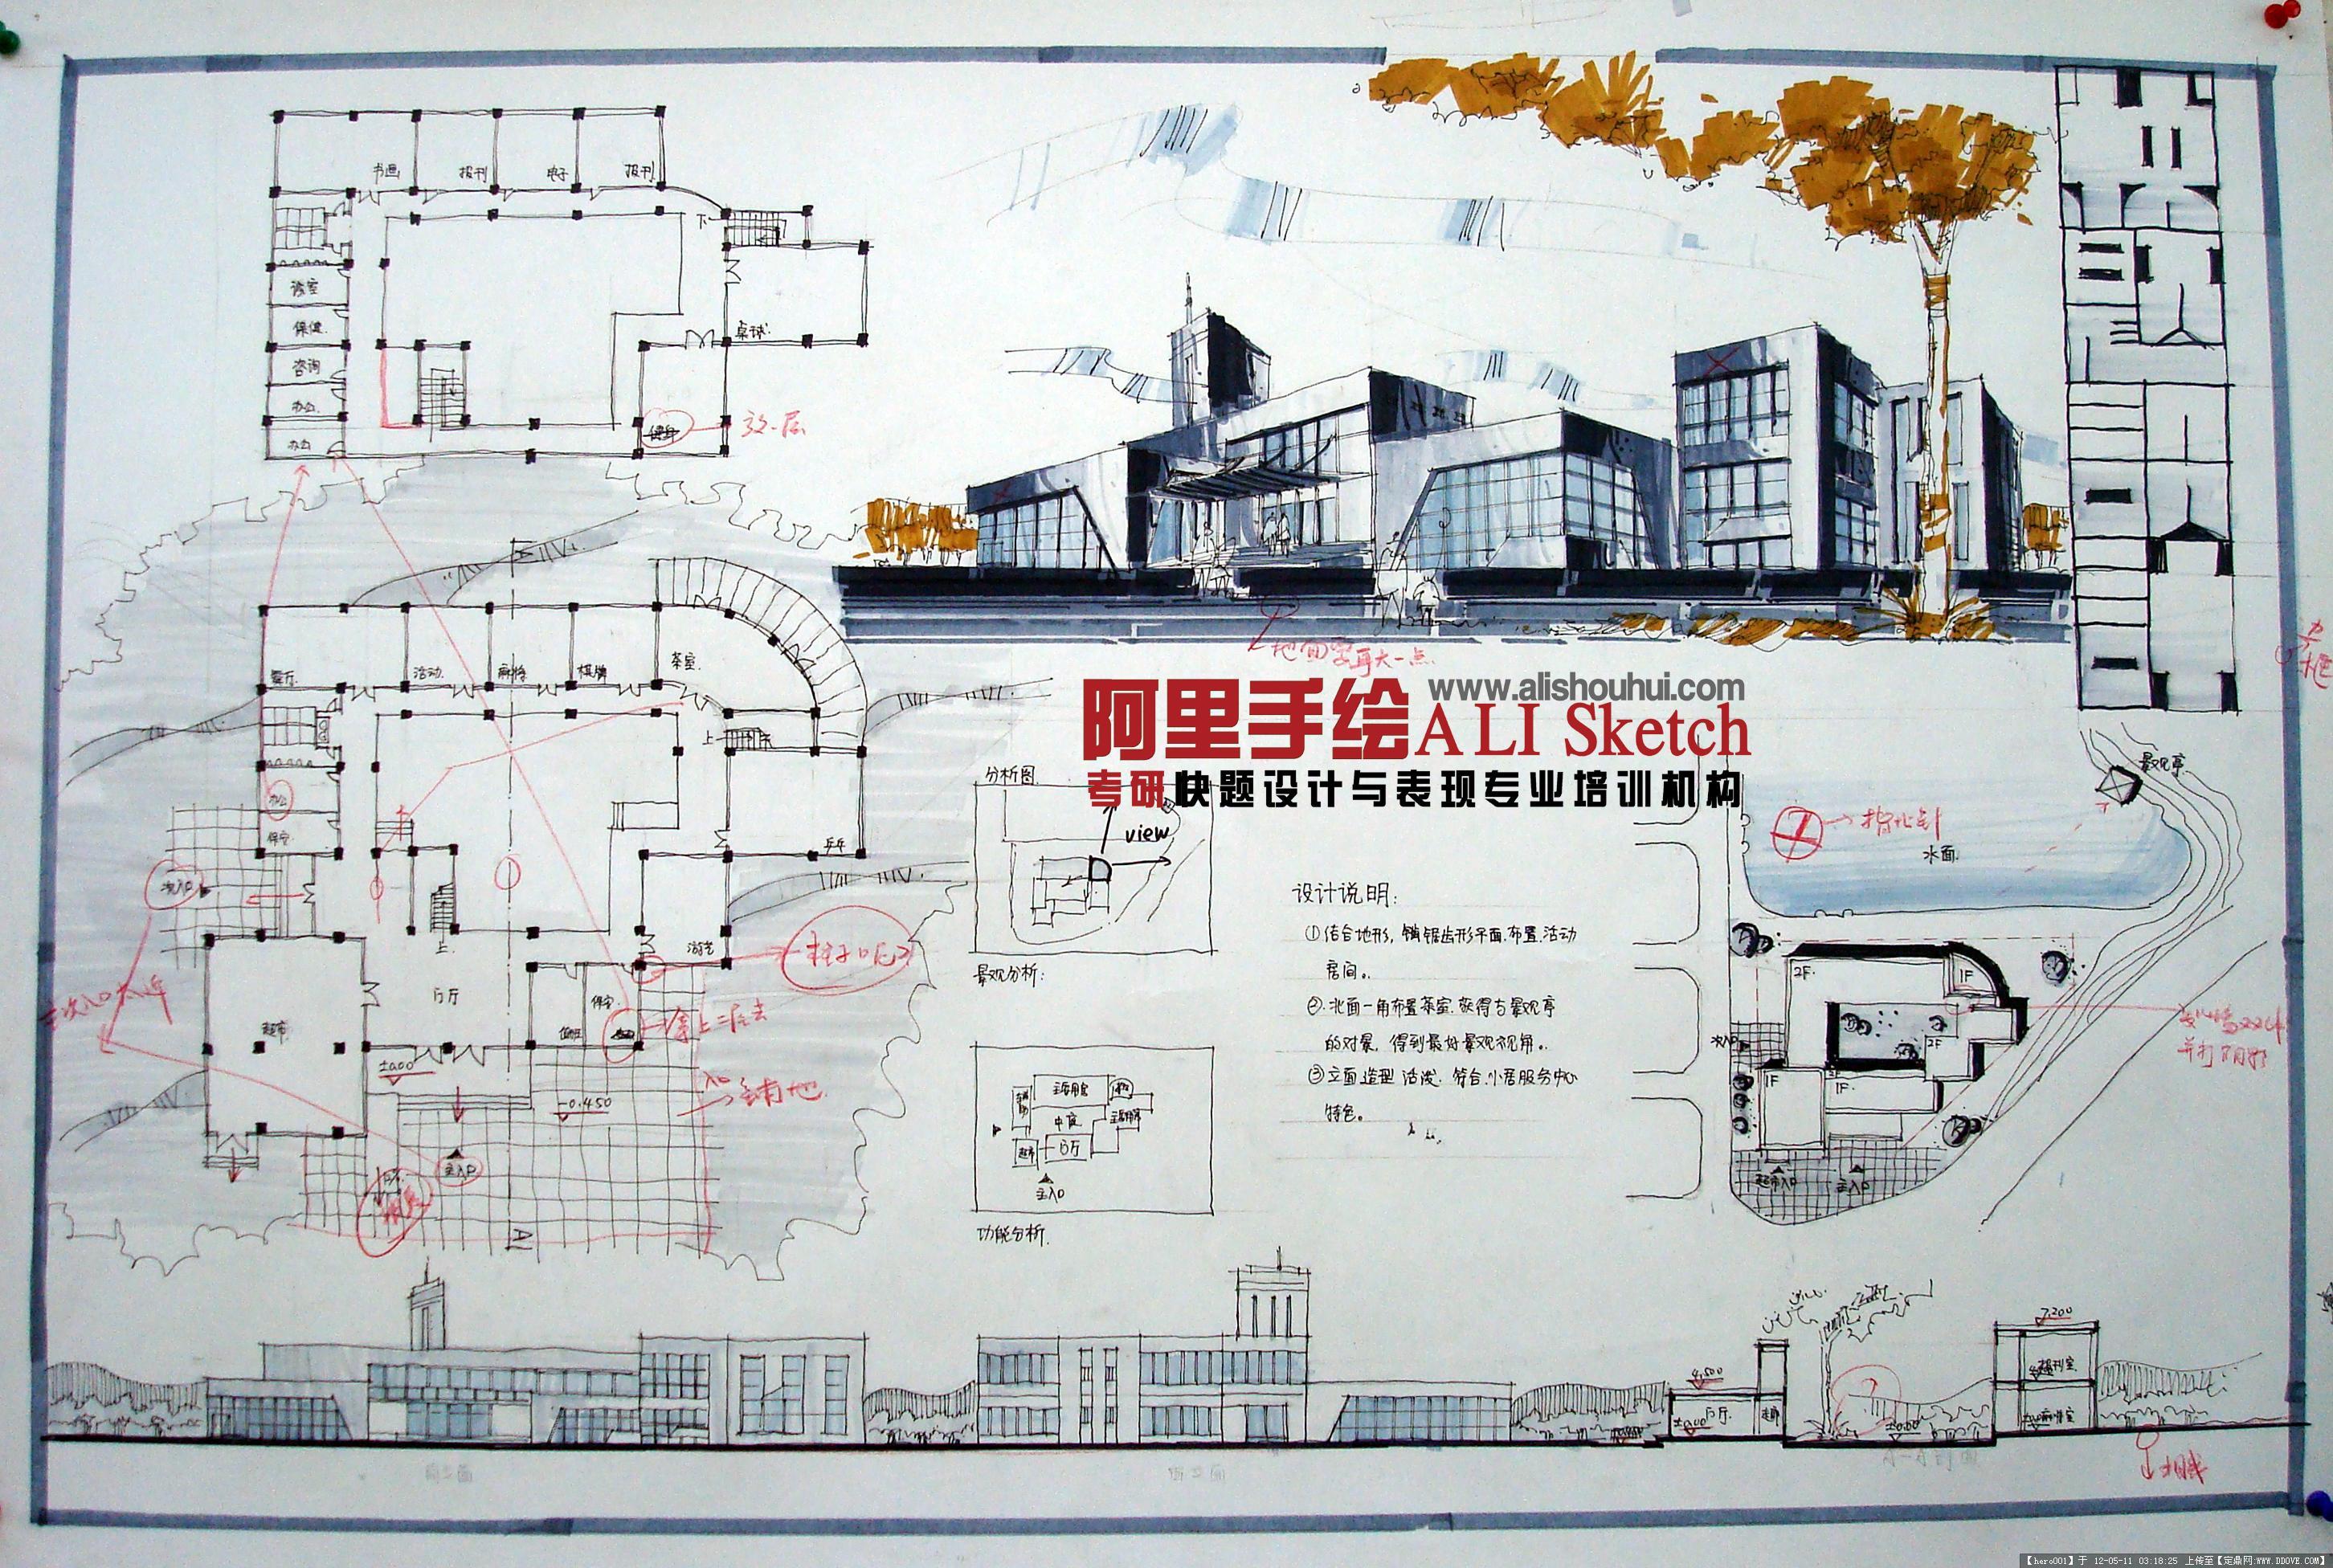 定鼎网 定鼎建筑 建筑效果图 手绘建筑效果图 建筑快题; 素材包含10张